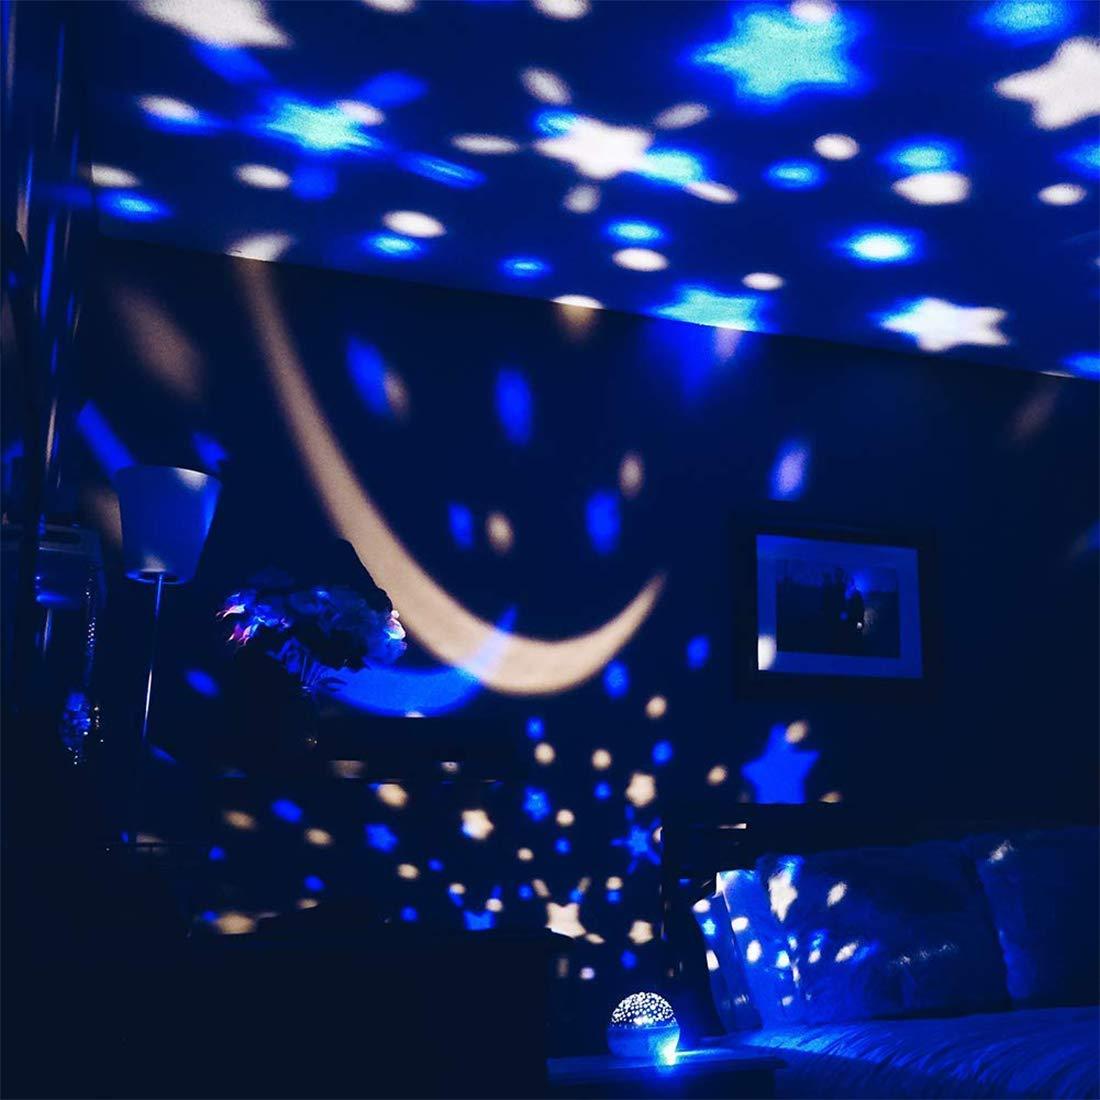 Rosa Proiettore Stelle Soffitto Bambini Luce Notturna LED 360/° Rotazione Lampada da Comodino14 Colori modalit/à Romantica Regalo per Neonati